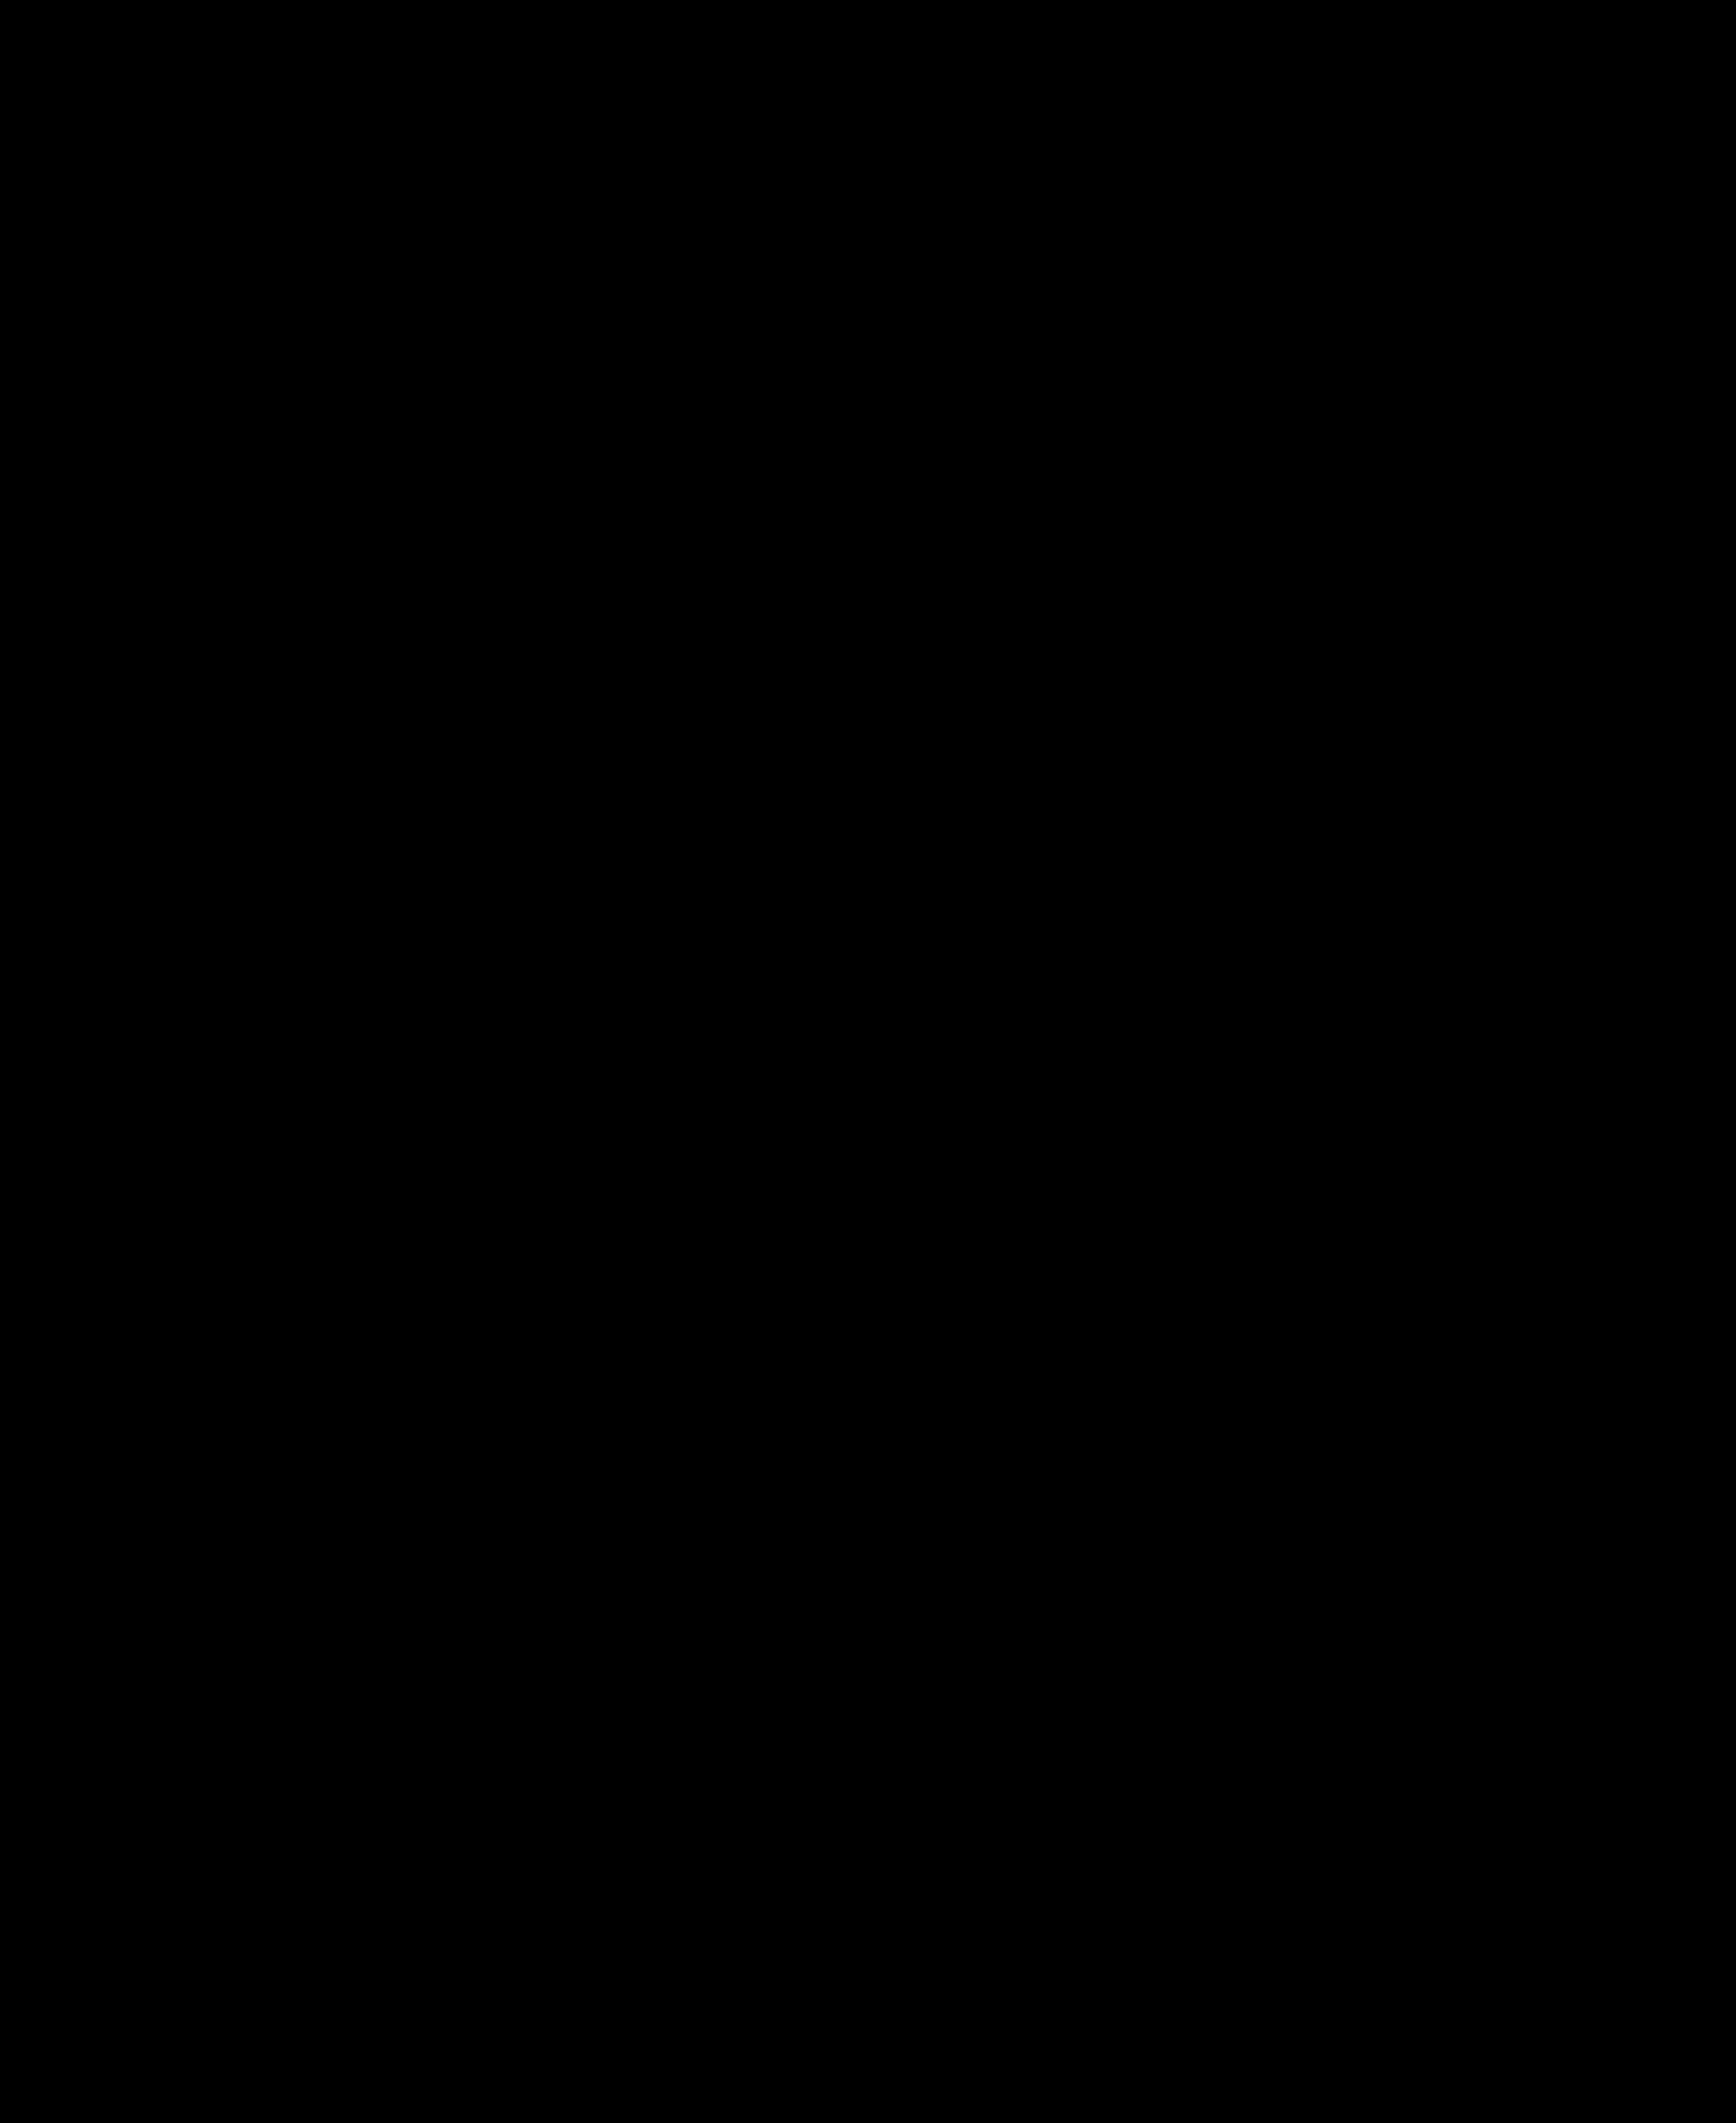 File man front symbol. Spider clipart svg